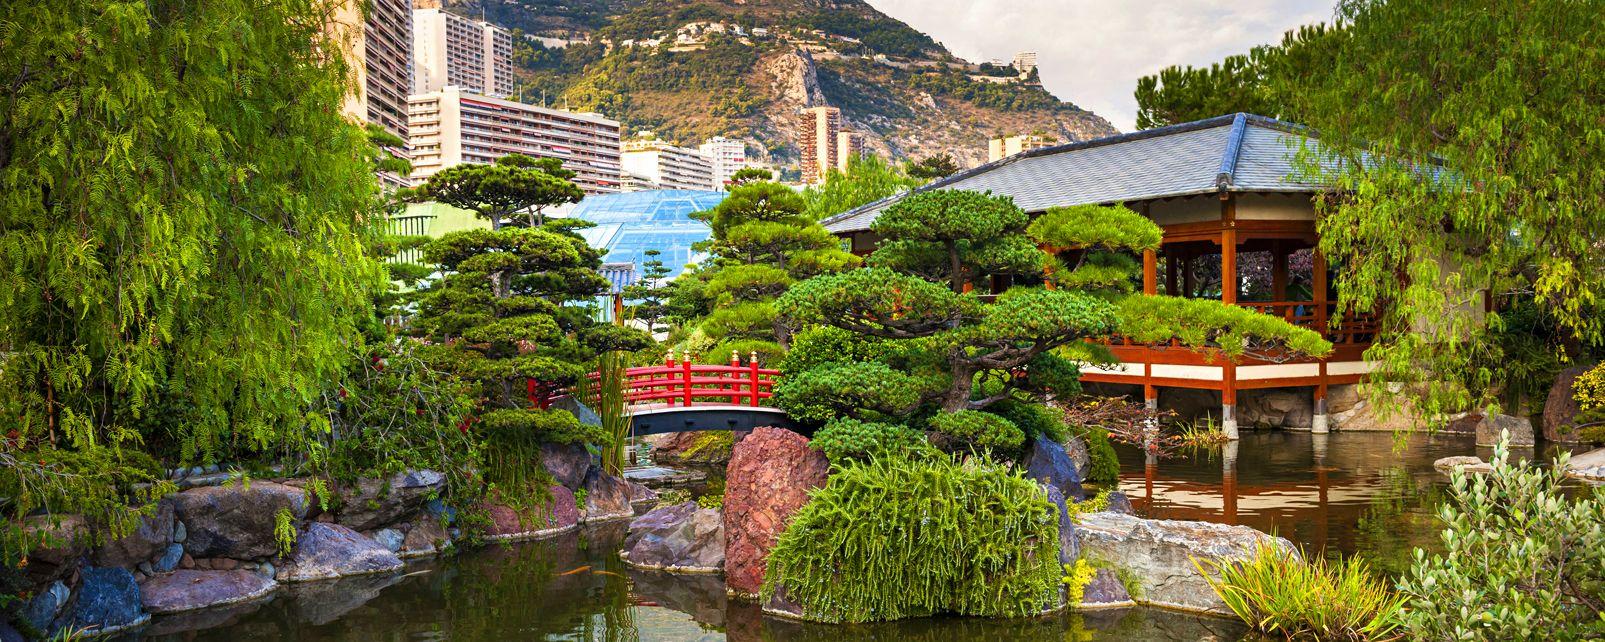 le jardin japonais monaco